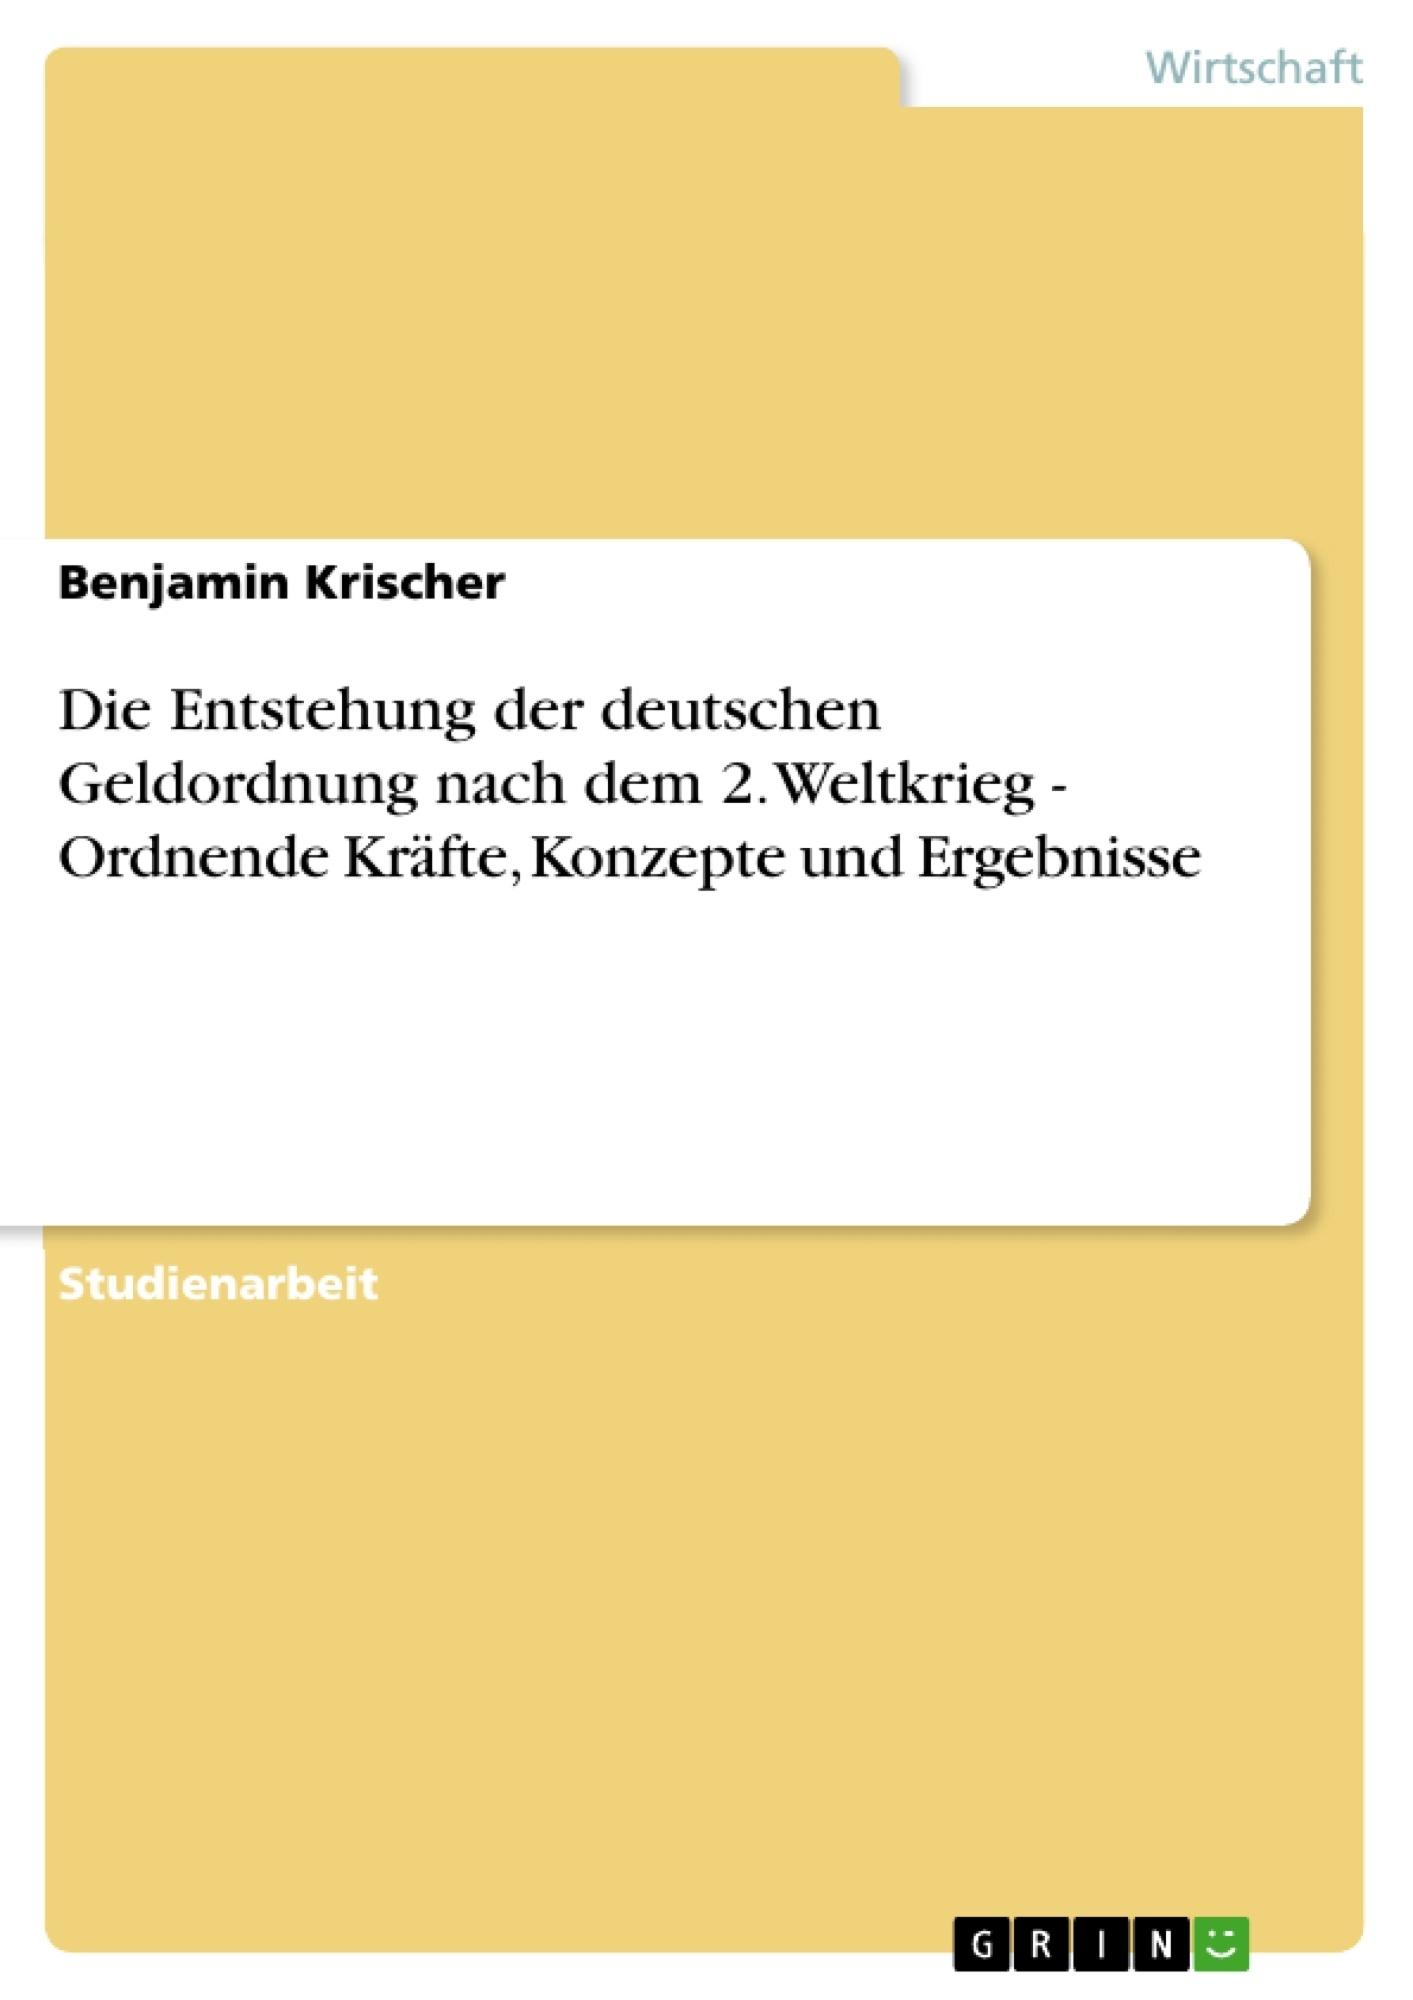 Titel: Die Entstehung der deutschen Geldordnung nach dem 2. Weltkrieg - Ordnende Kräfte, Konzepte und Ergebnisse